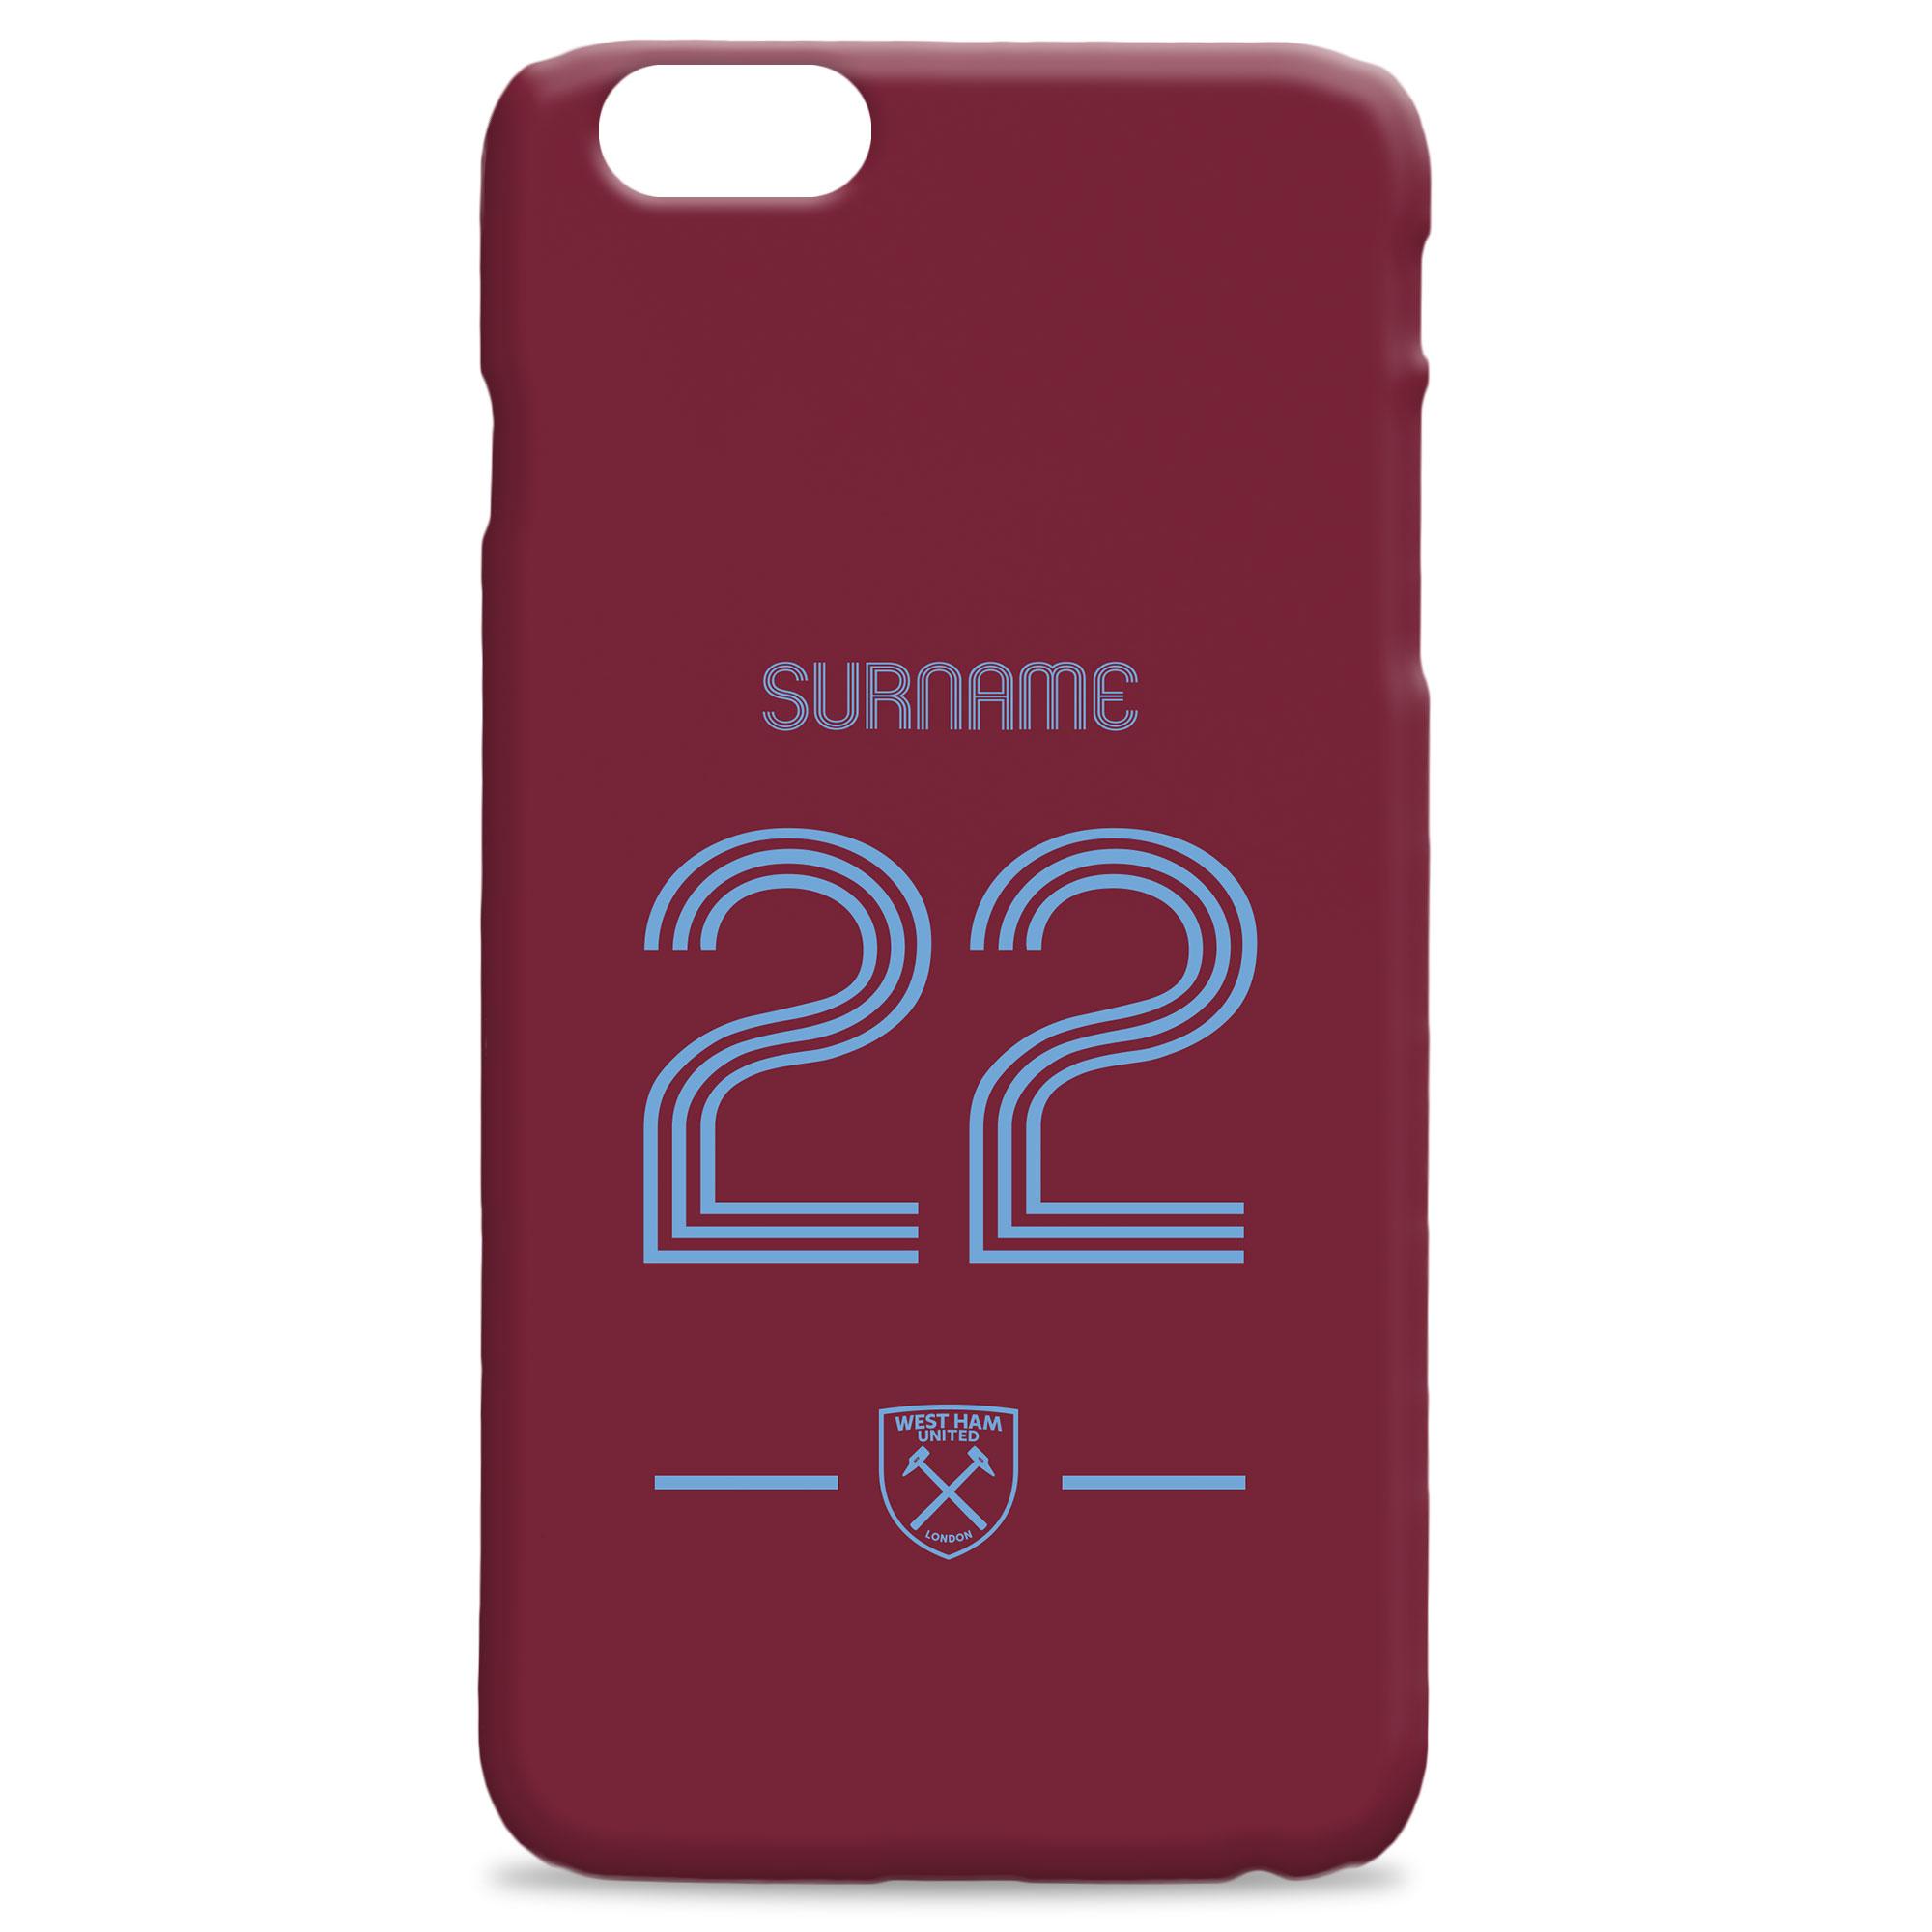 West Ham Retro Shirt Hard Back Phone Case